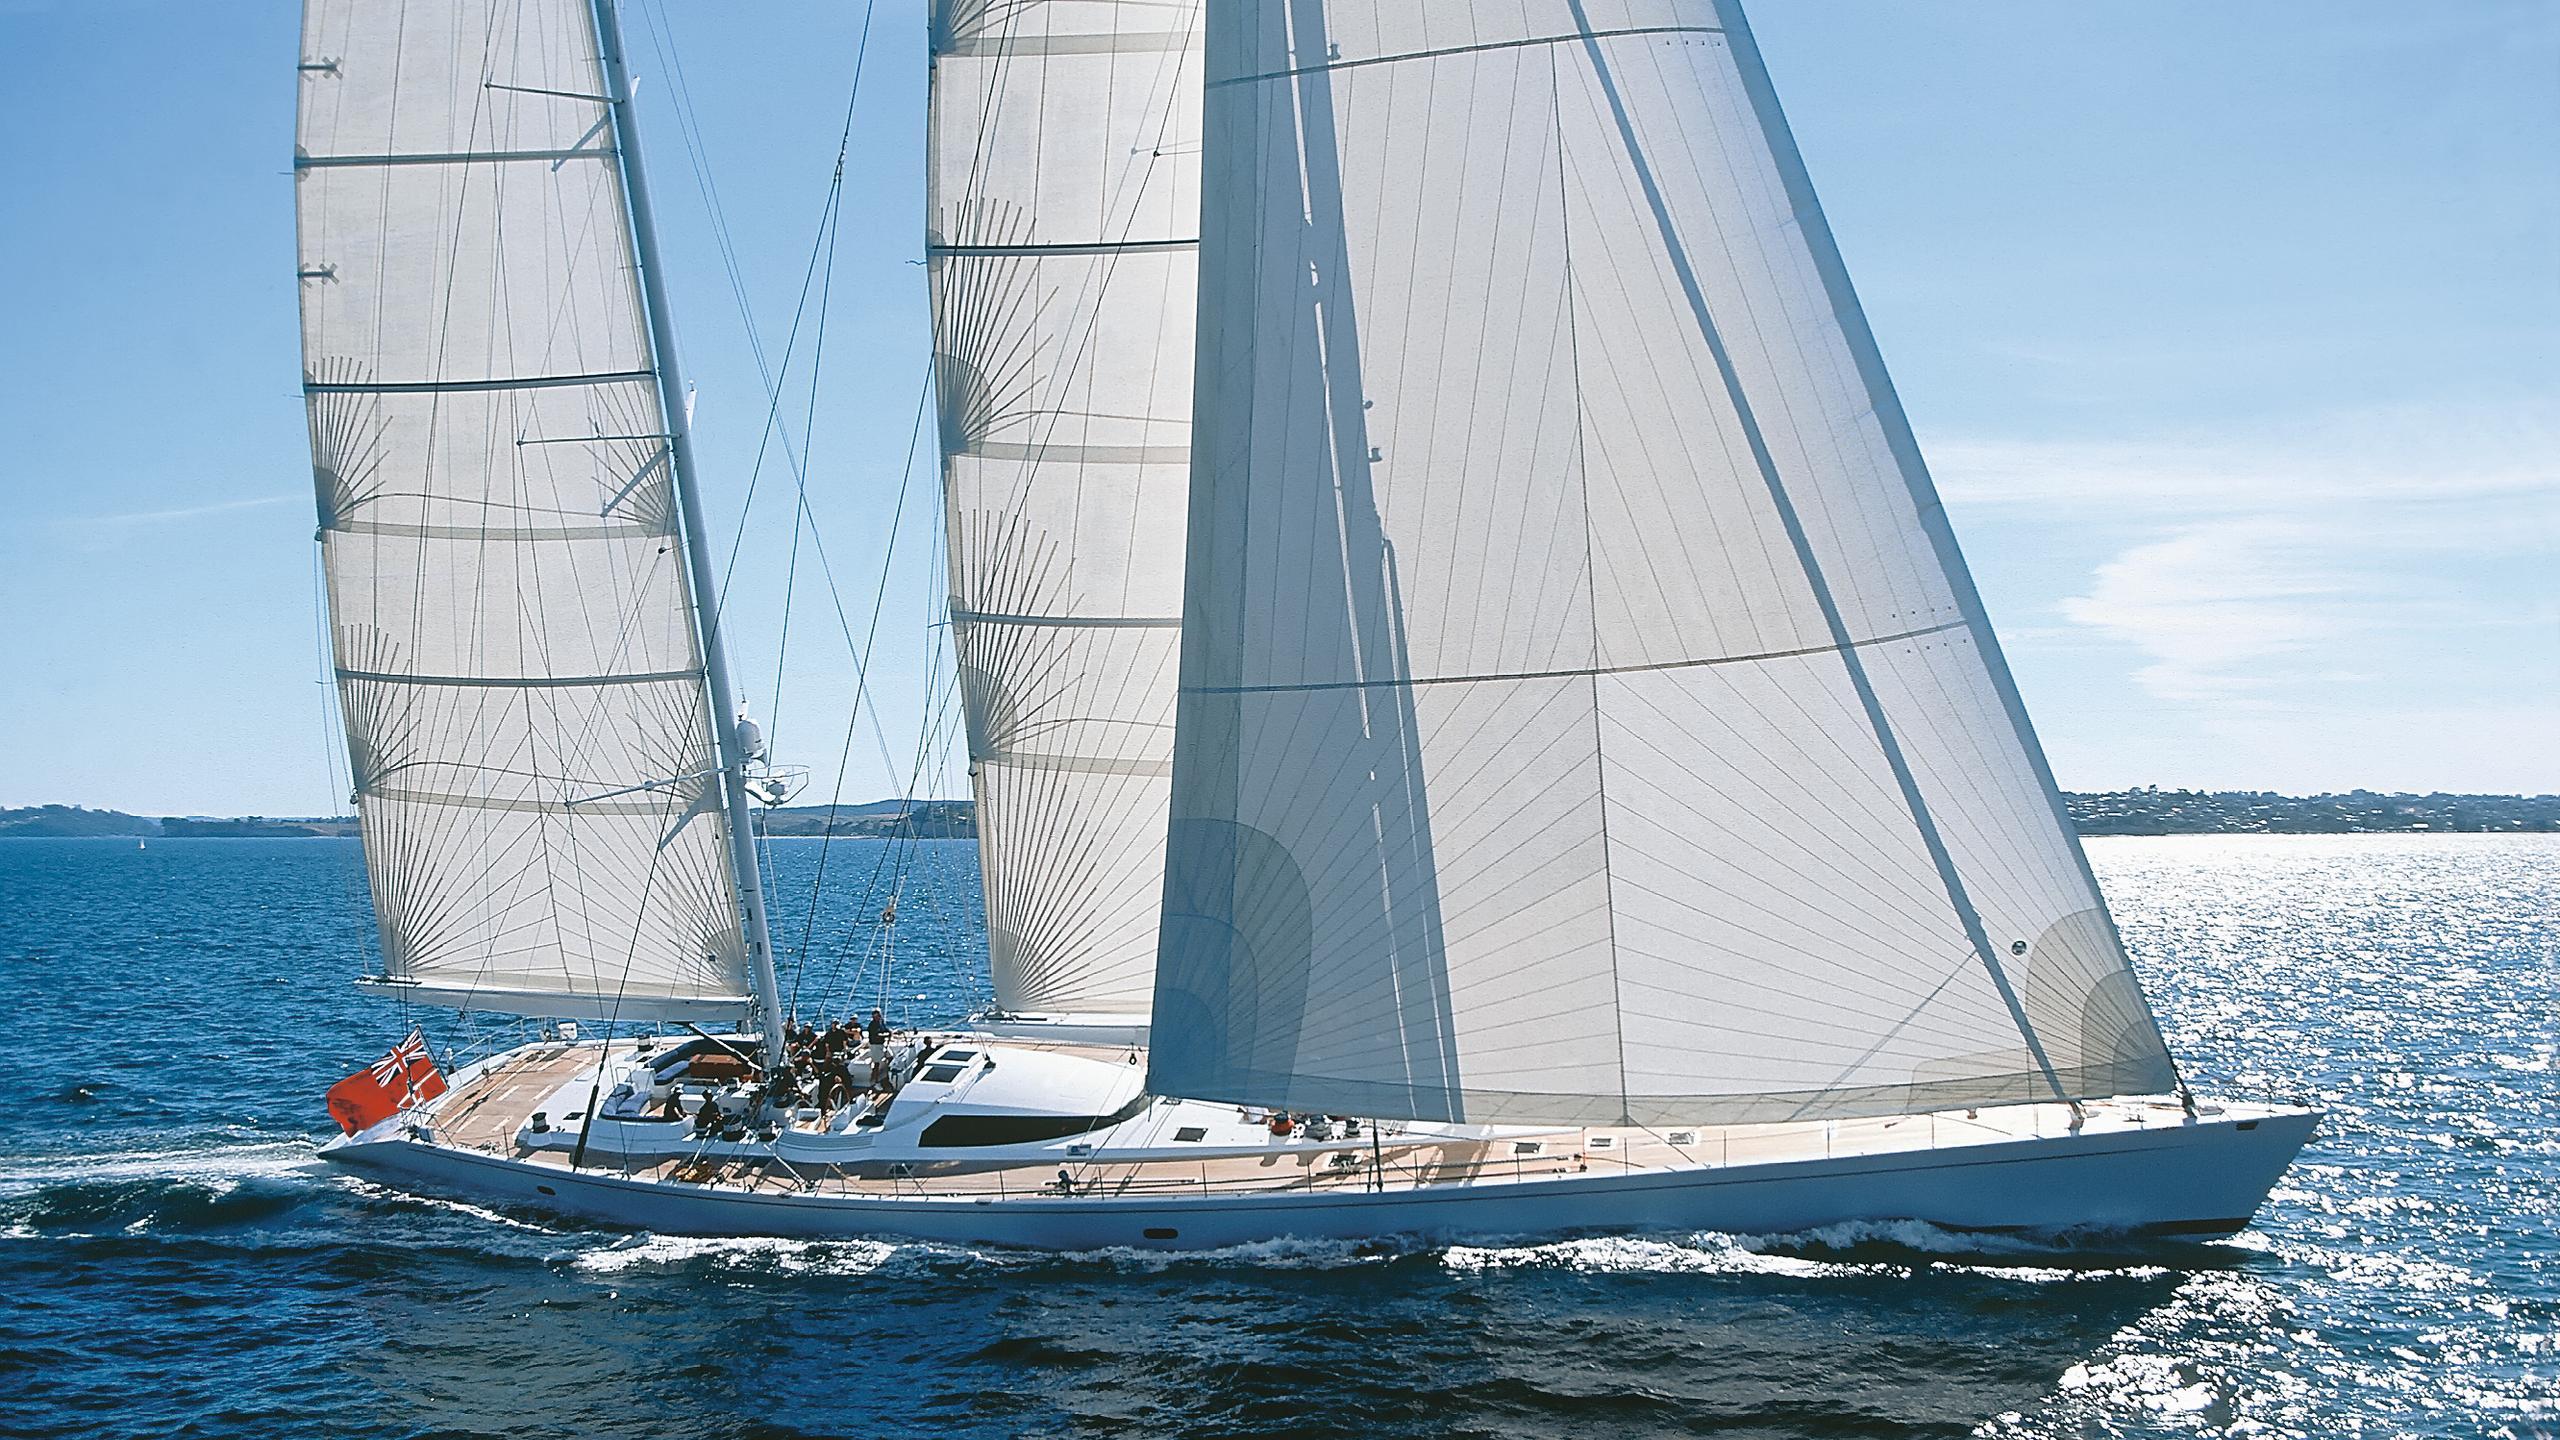 mari-cha-iii-yacht-for-sale-profile